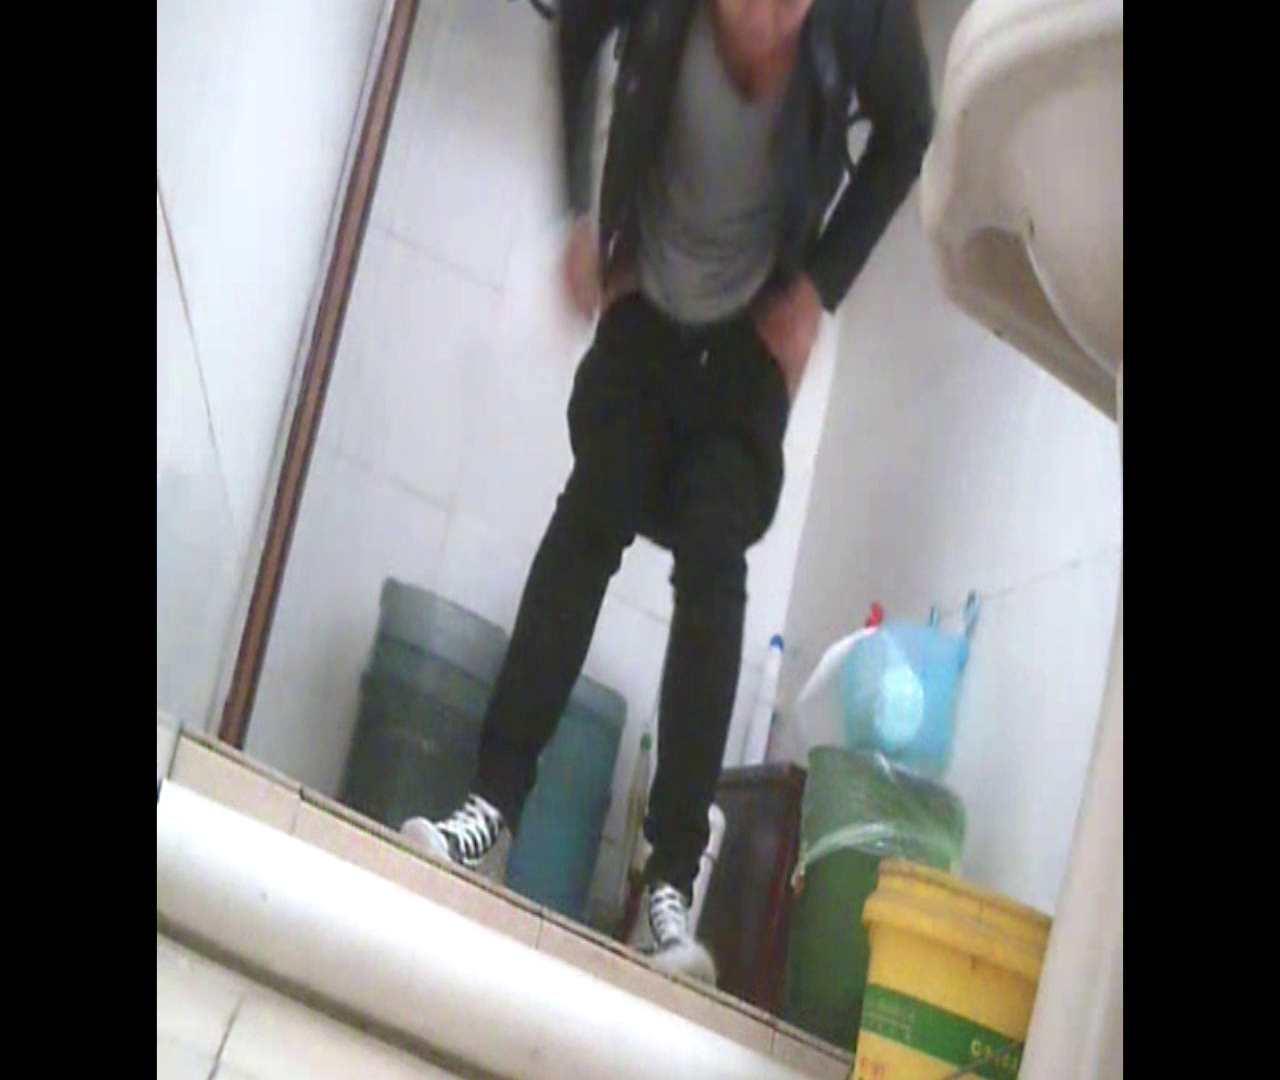 Vol.05 ズボンをはく時の左足! 洗面所 隠し撮りおまんこ動画流出 28pic 17